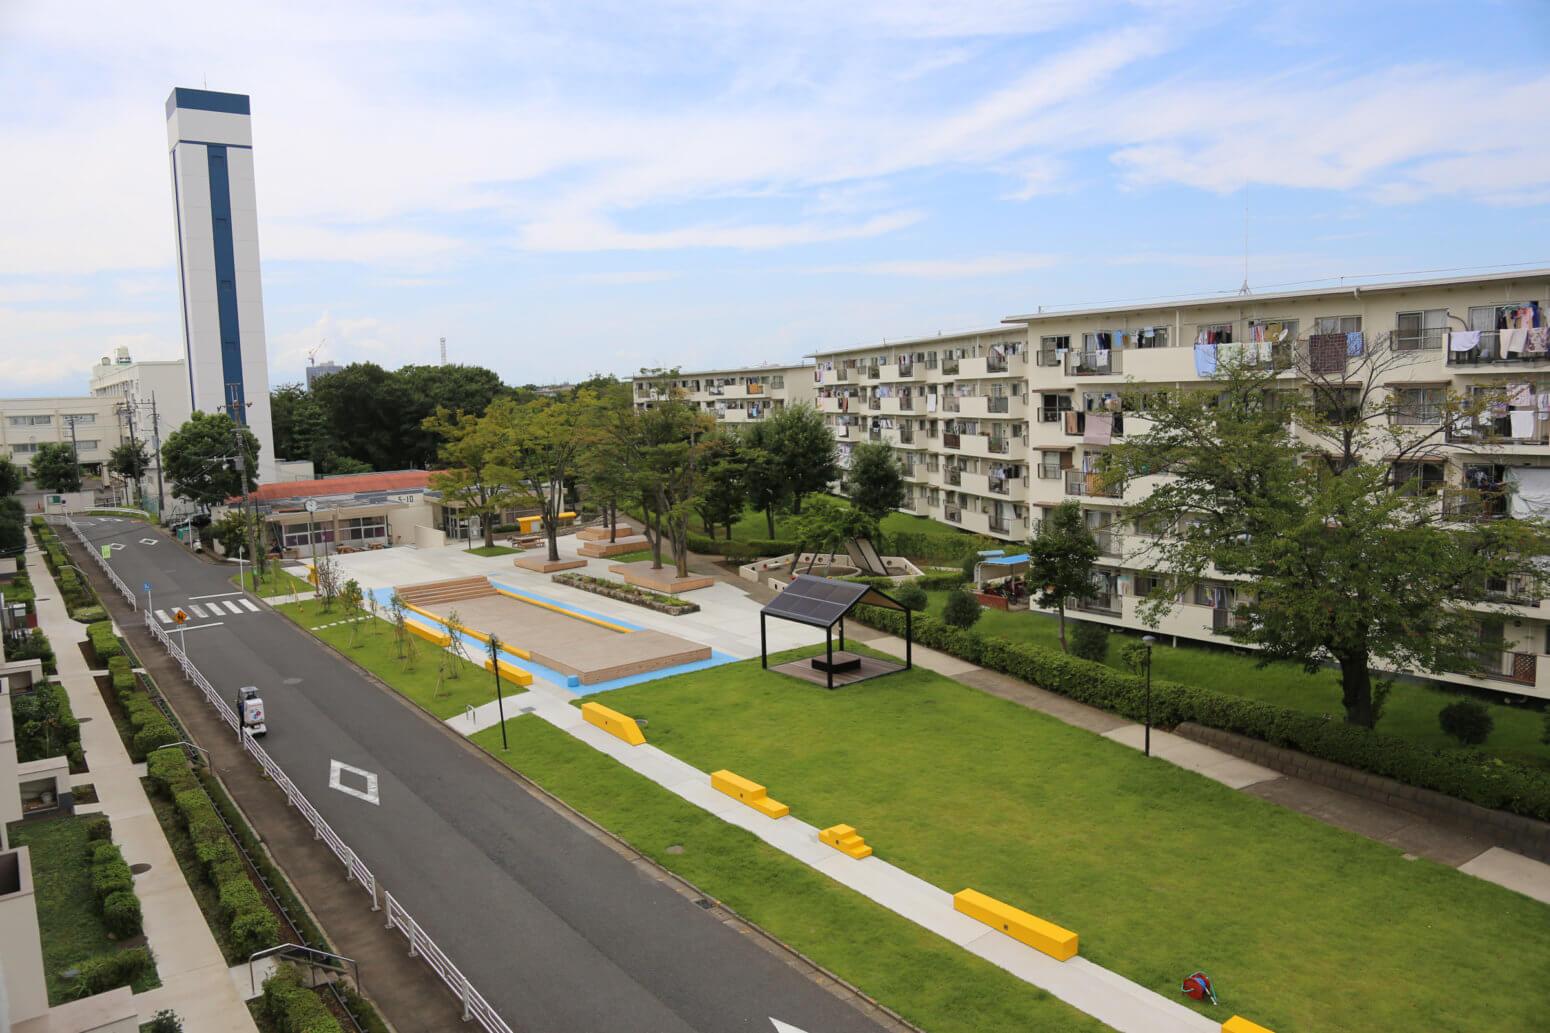 Sakonyama Minna no Niwa (The Park of Sakonyama Housing Complexes)